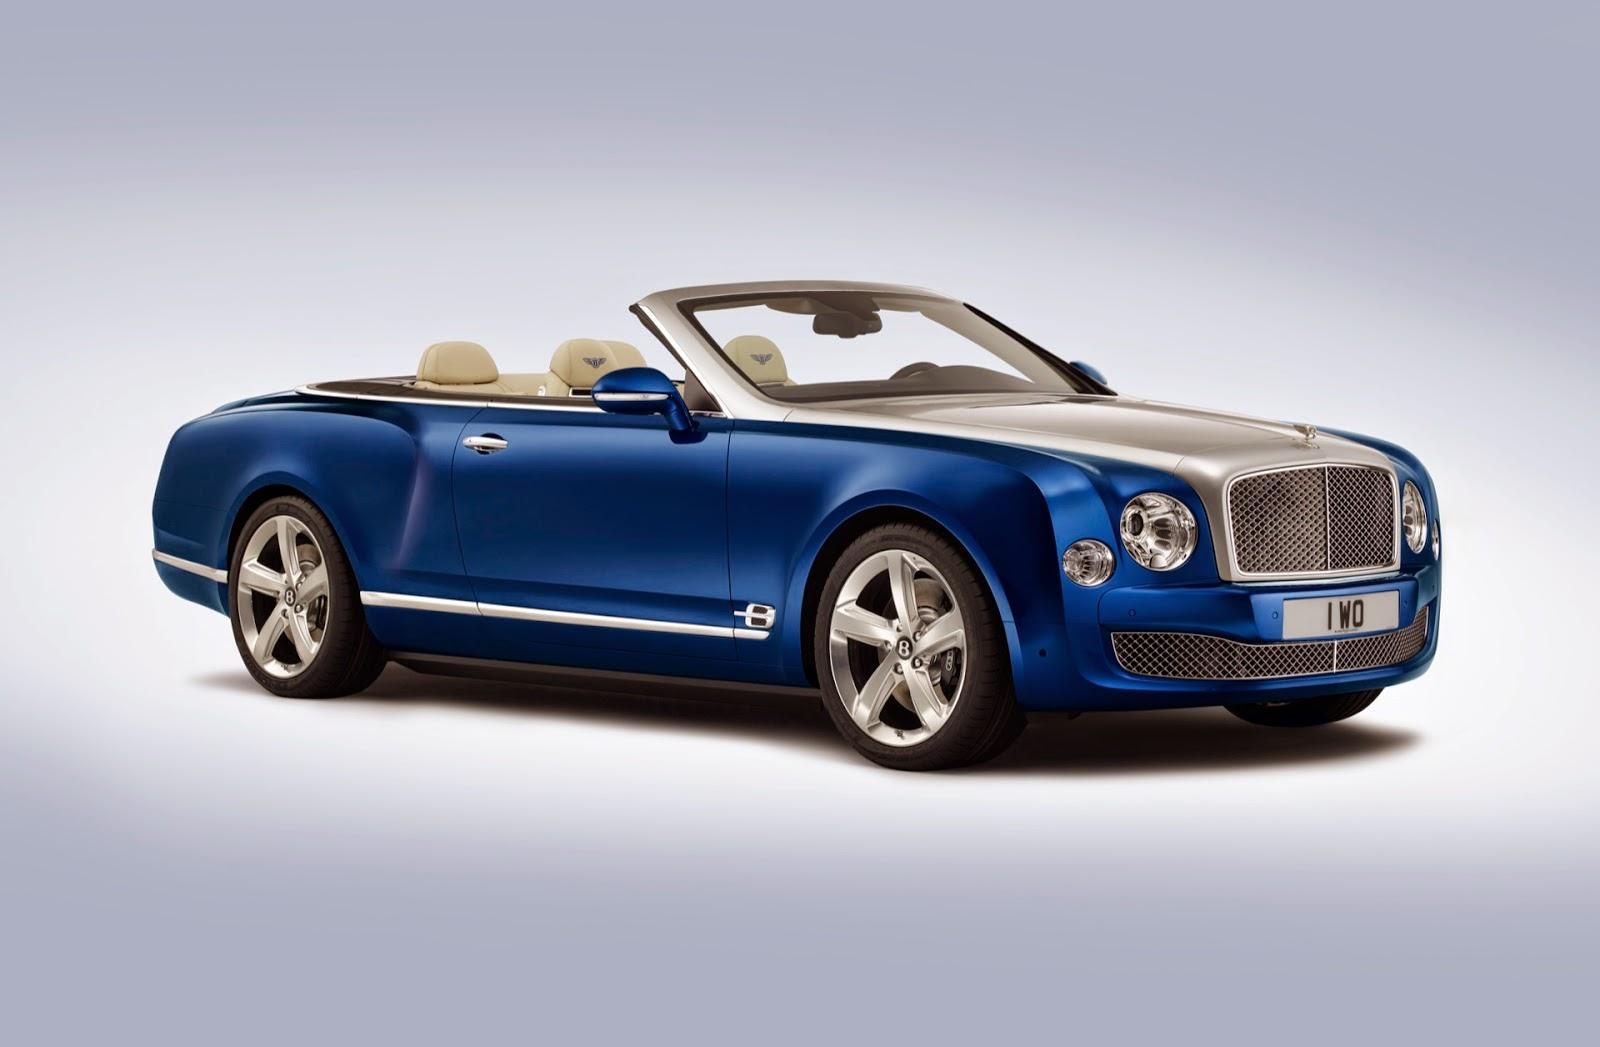 Bentley Mulsanne Grand Convertible